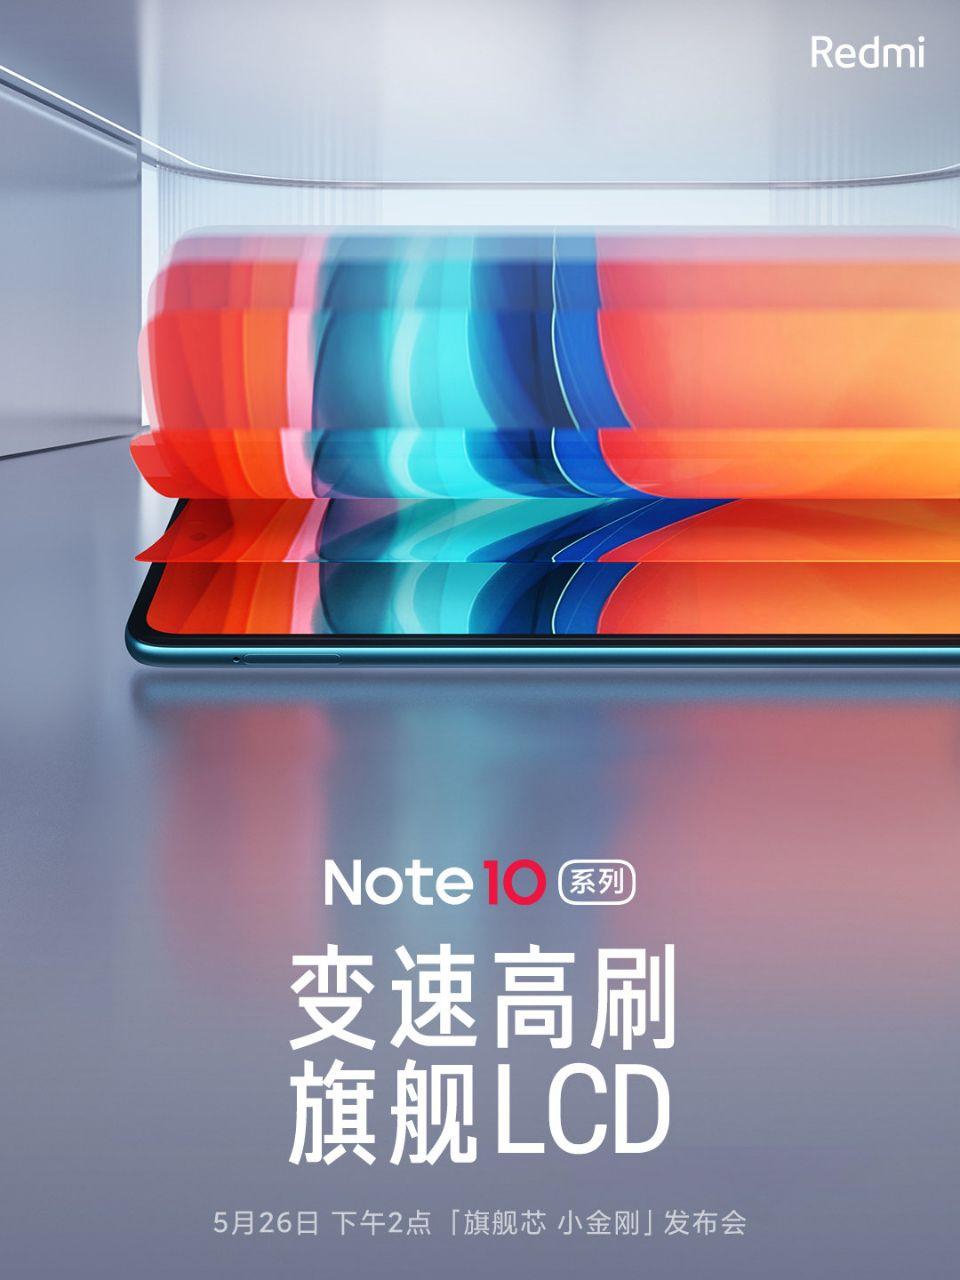 نمایشگر ردمی Note 10 Ultra